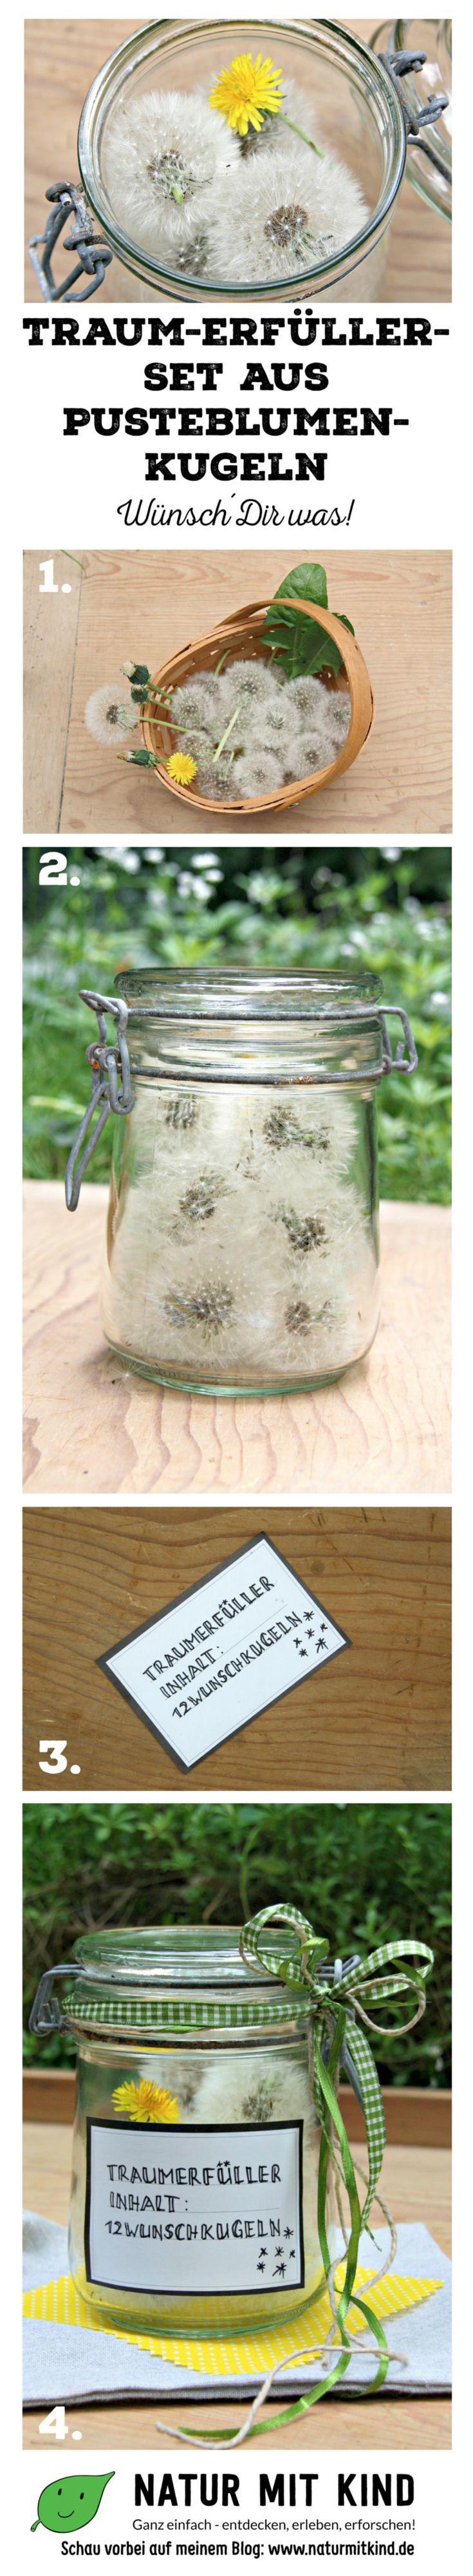 DIY Tutorial: Anleitung für ein traumhaftes Geschenkset: Traum-Erfüller aus Pusteblumenkugeln. Für jeden Monat des Jahres ein Wunsch! Samenkugel vorsichtig entnehmen, pusten & wünschen! Toll fü